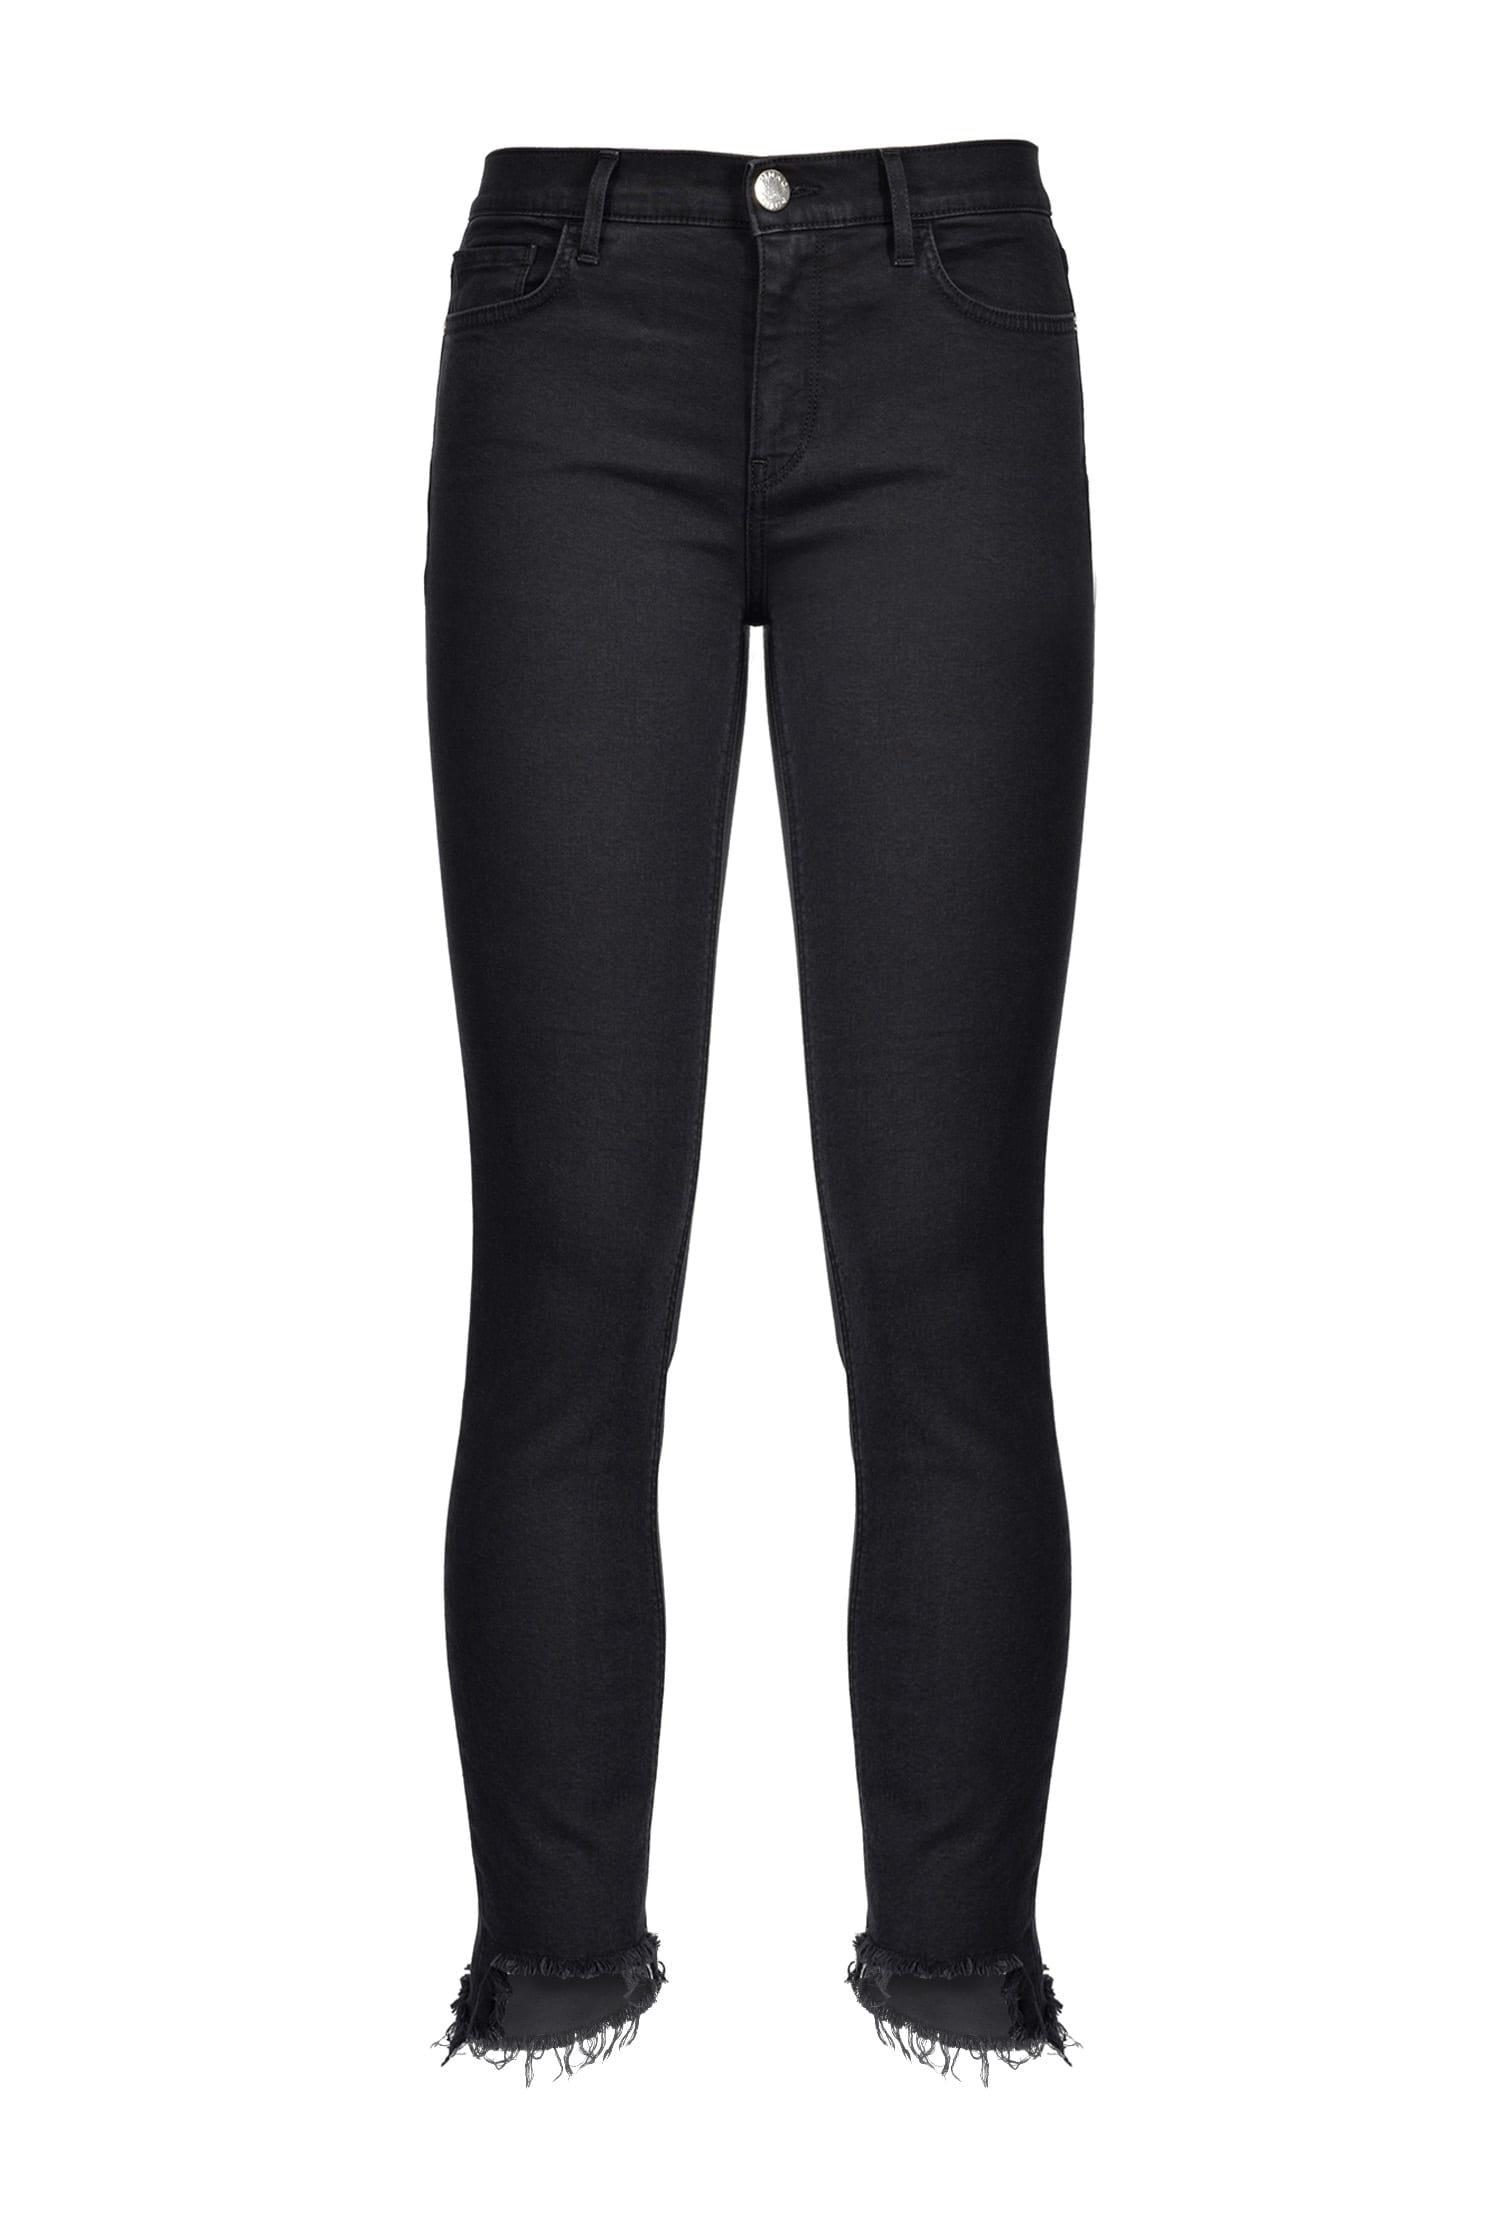 Jeans Skinny In Denim Power Stretch - Pinko